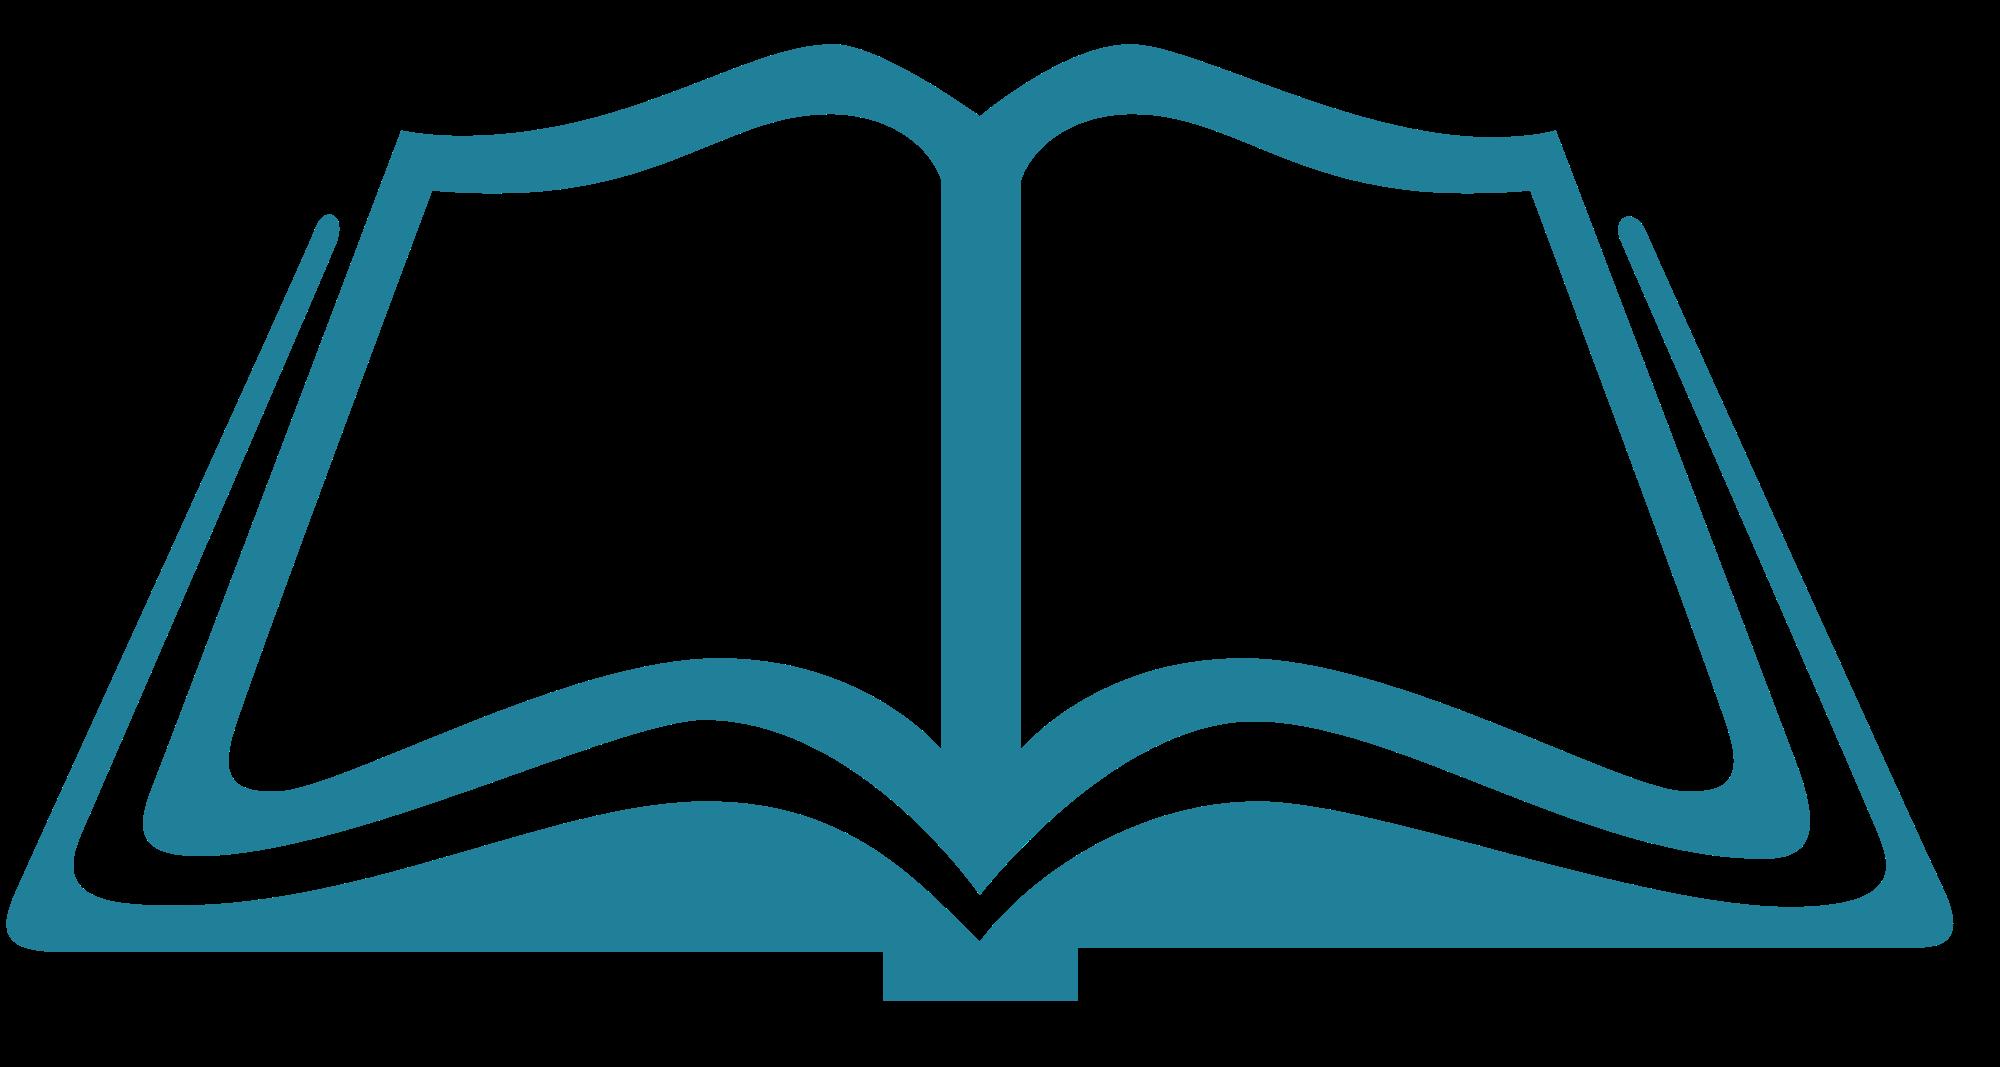 2000x1067 Open Book Vector 4 An Images Hub